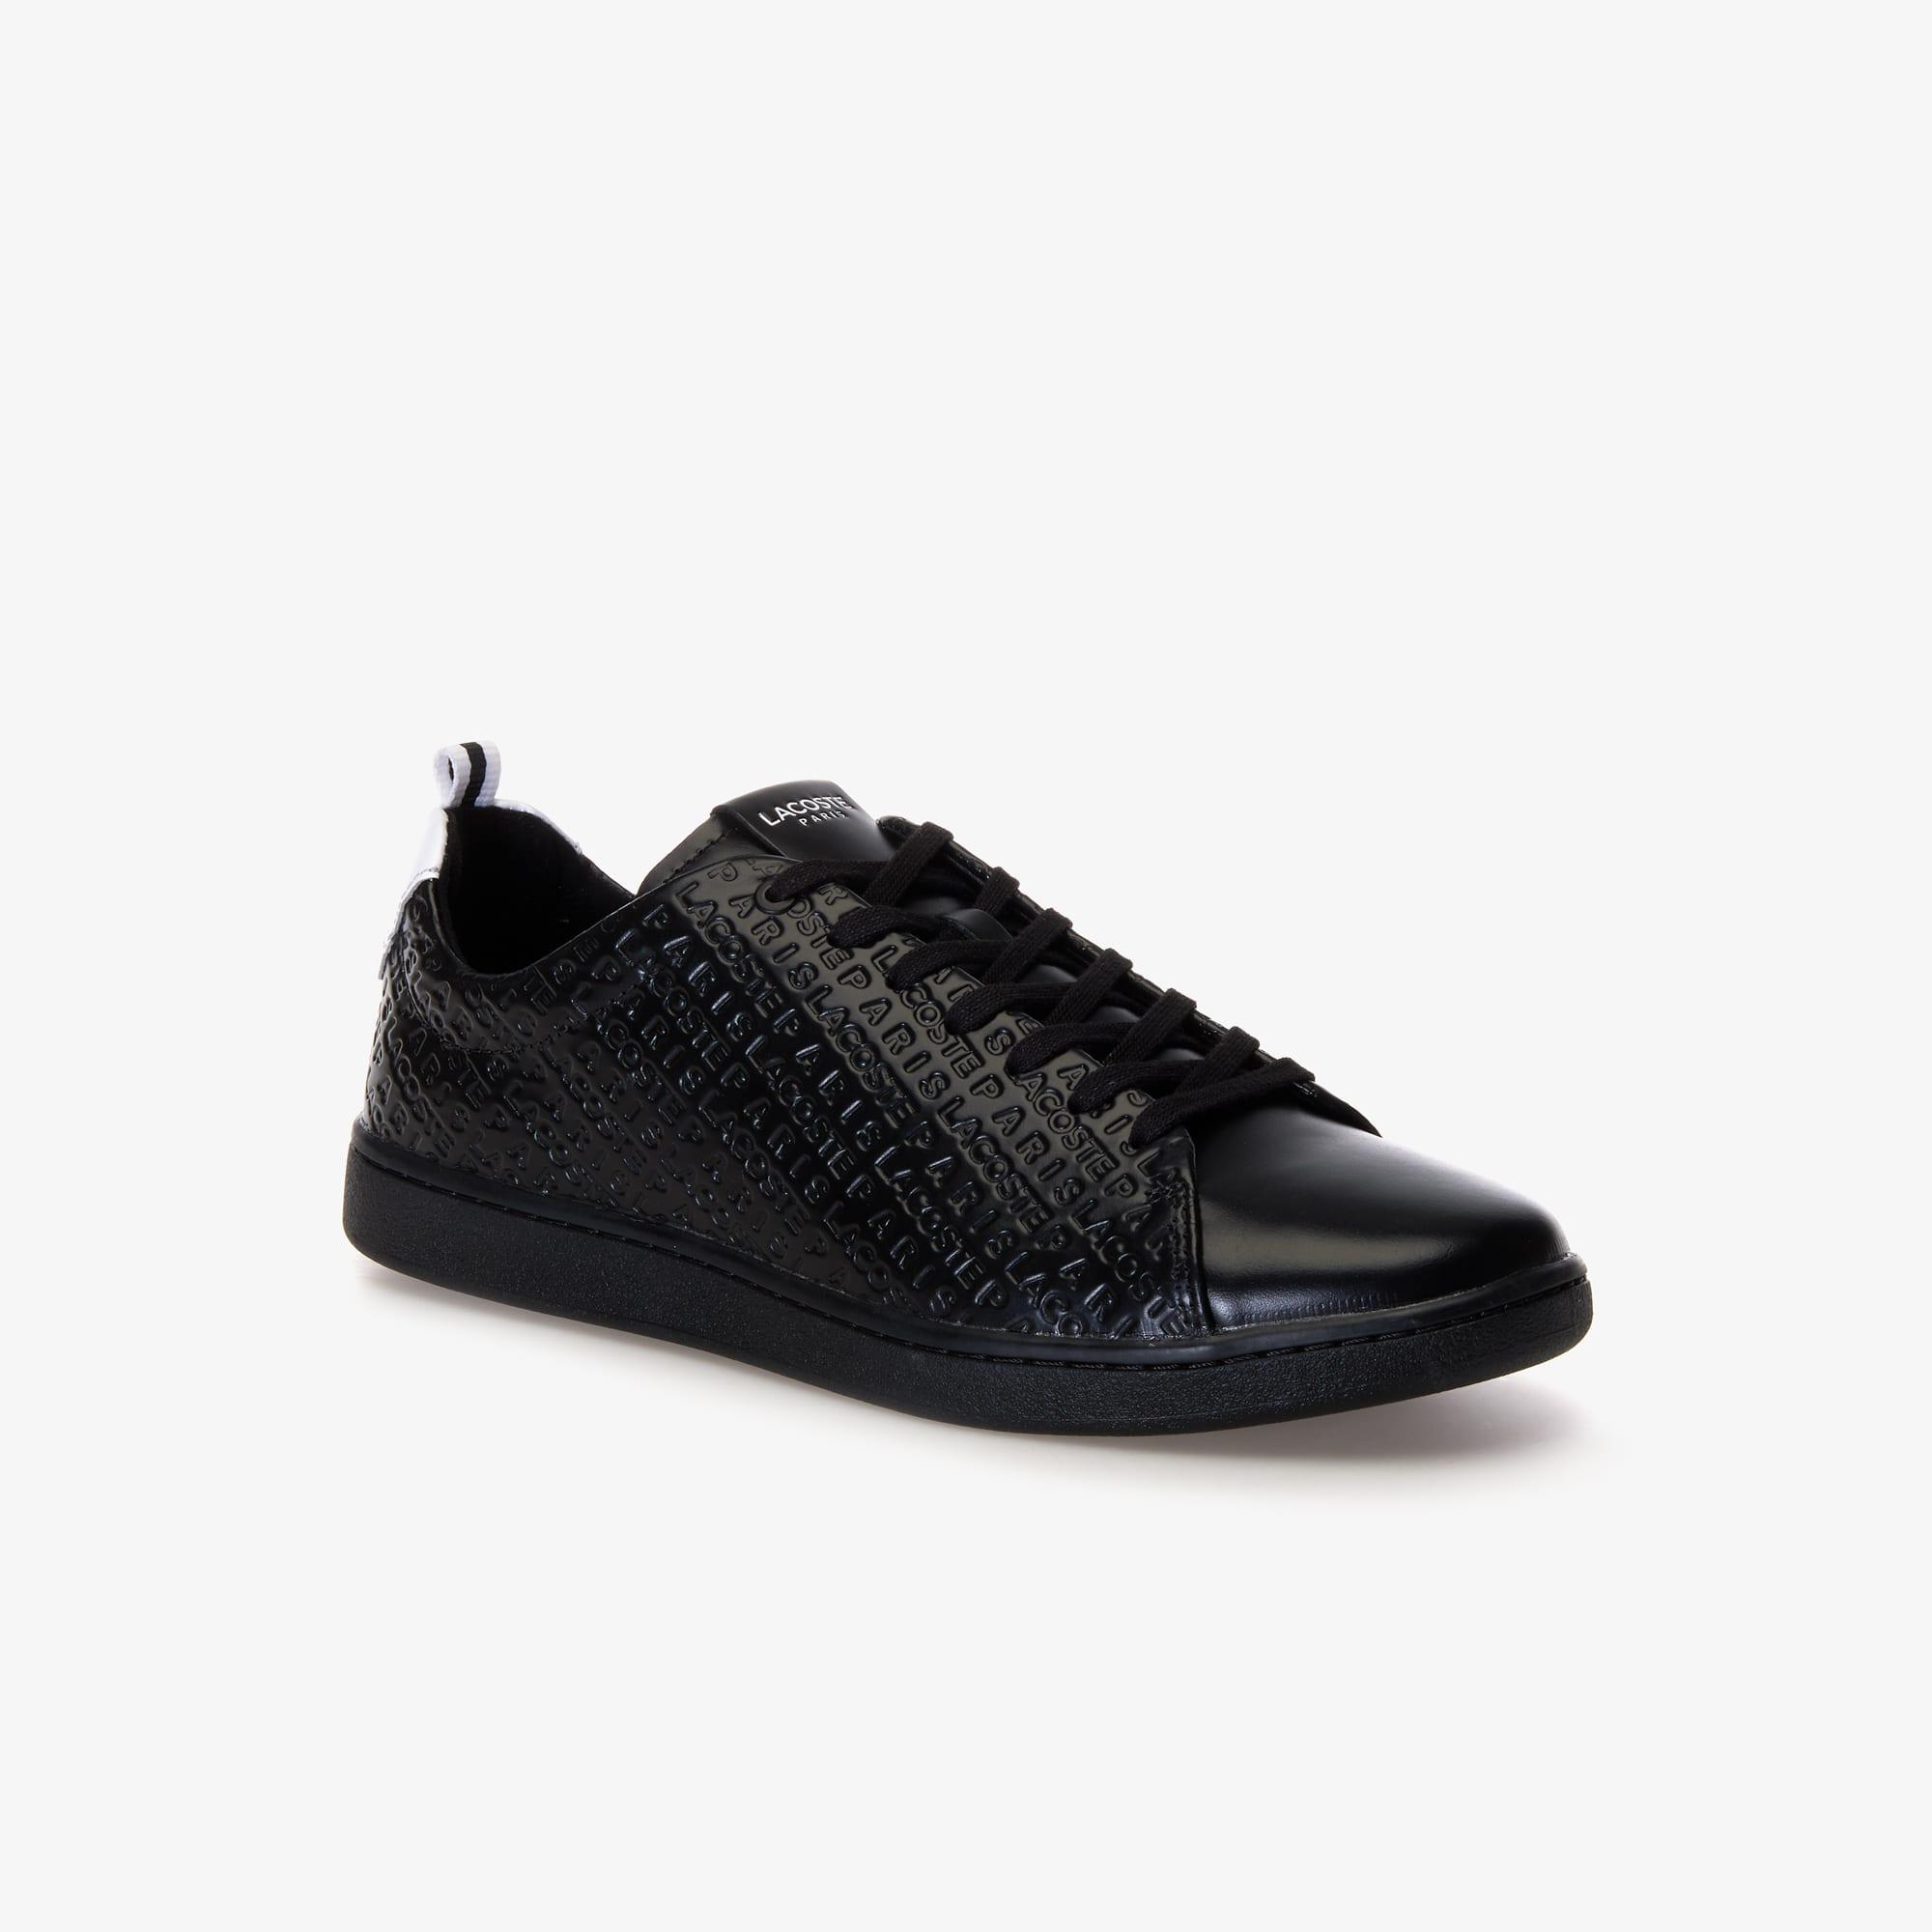 621d086954 Men's Shoes | Shoes for Men | LACOSTE